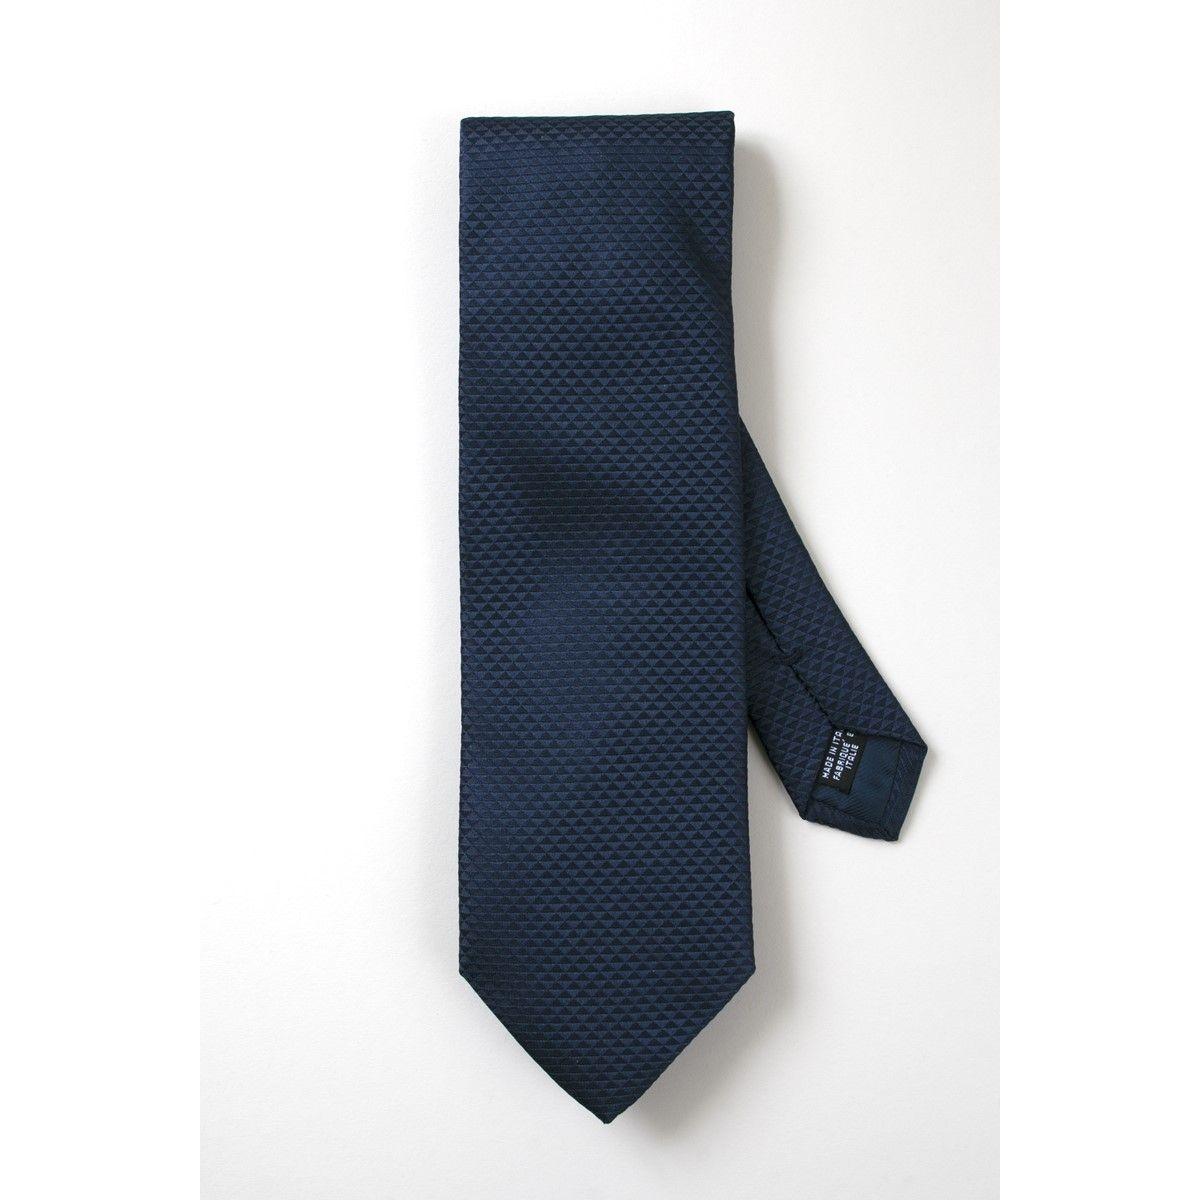 Cravate soie ton sur ton